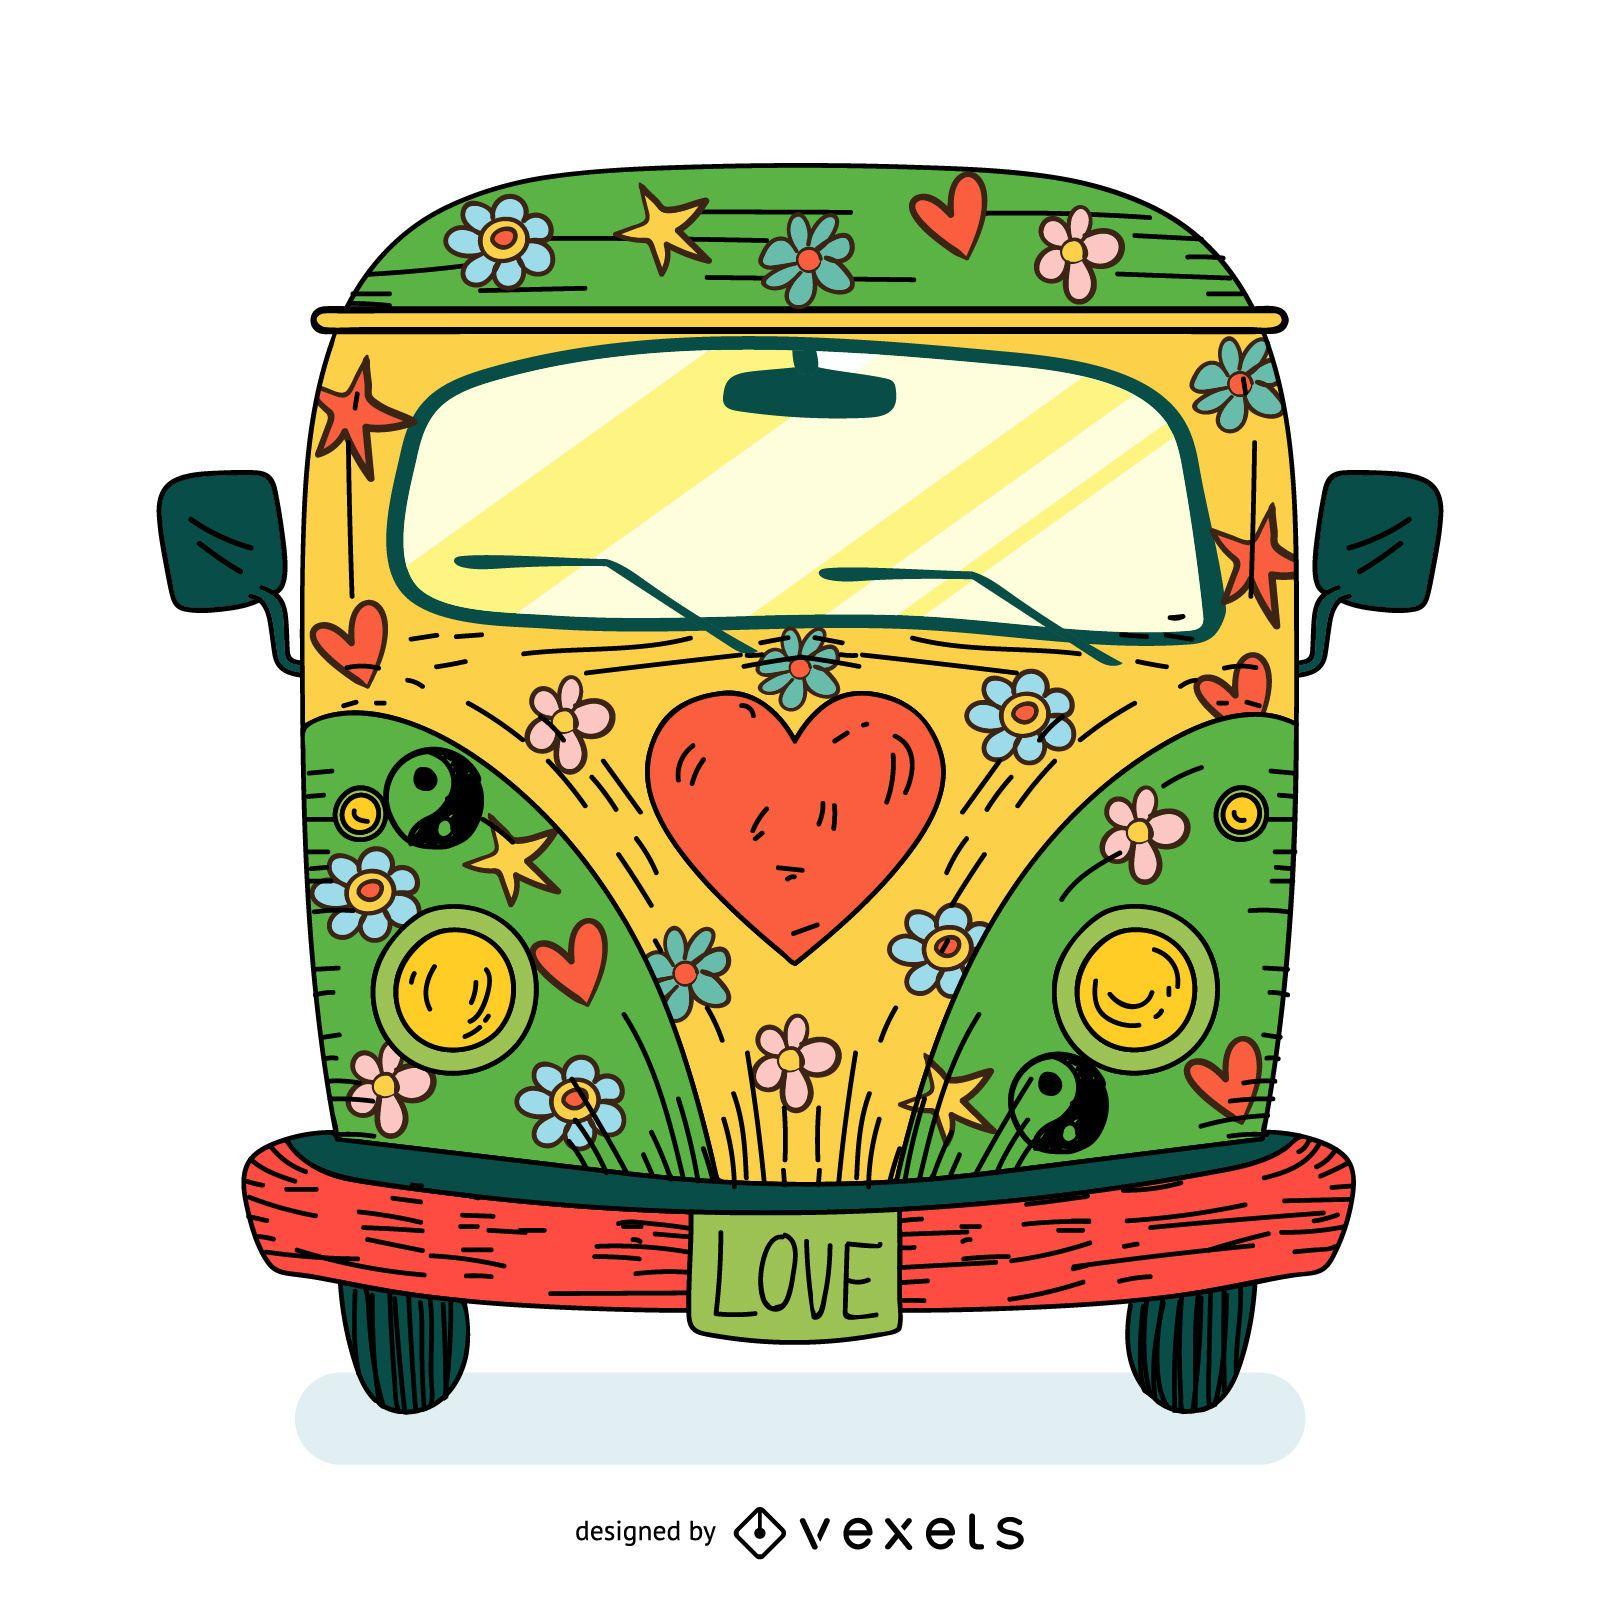 Hippie bus cartoon illustration